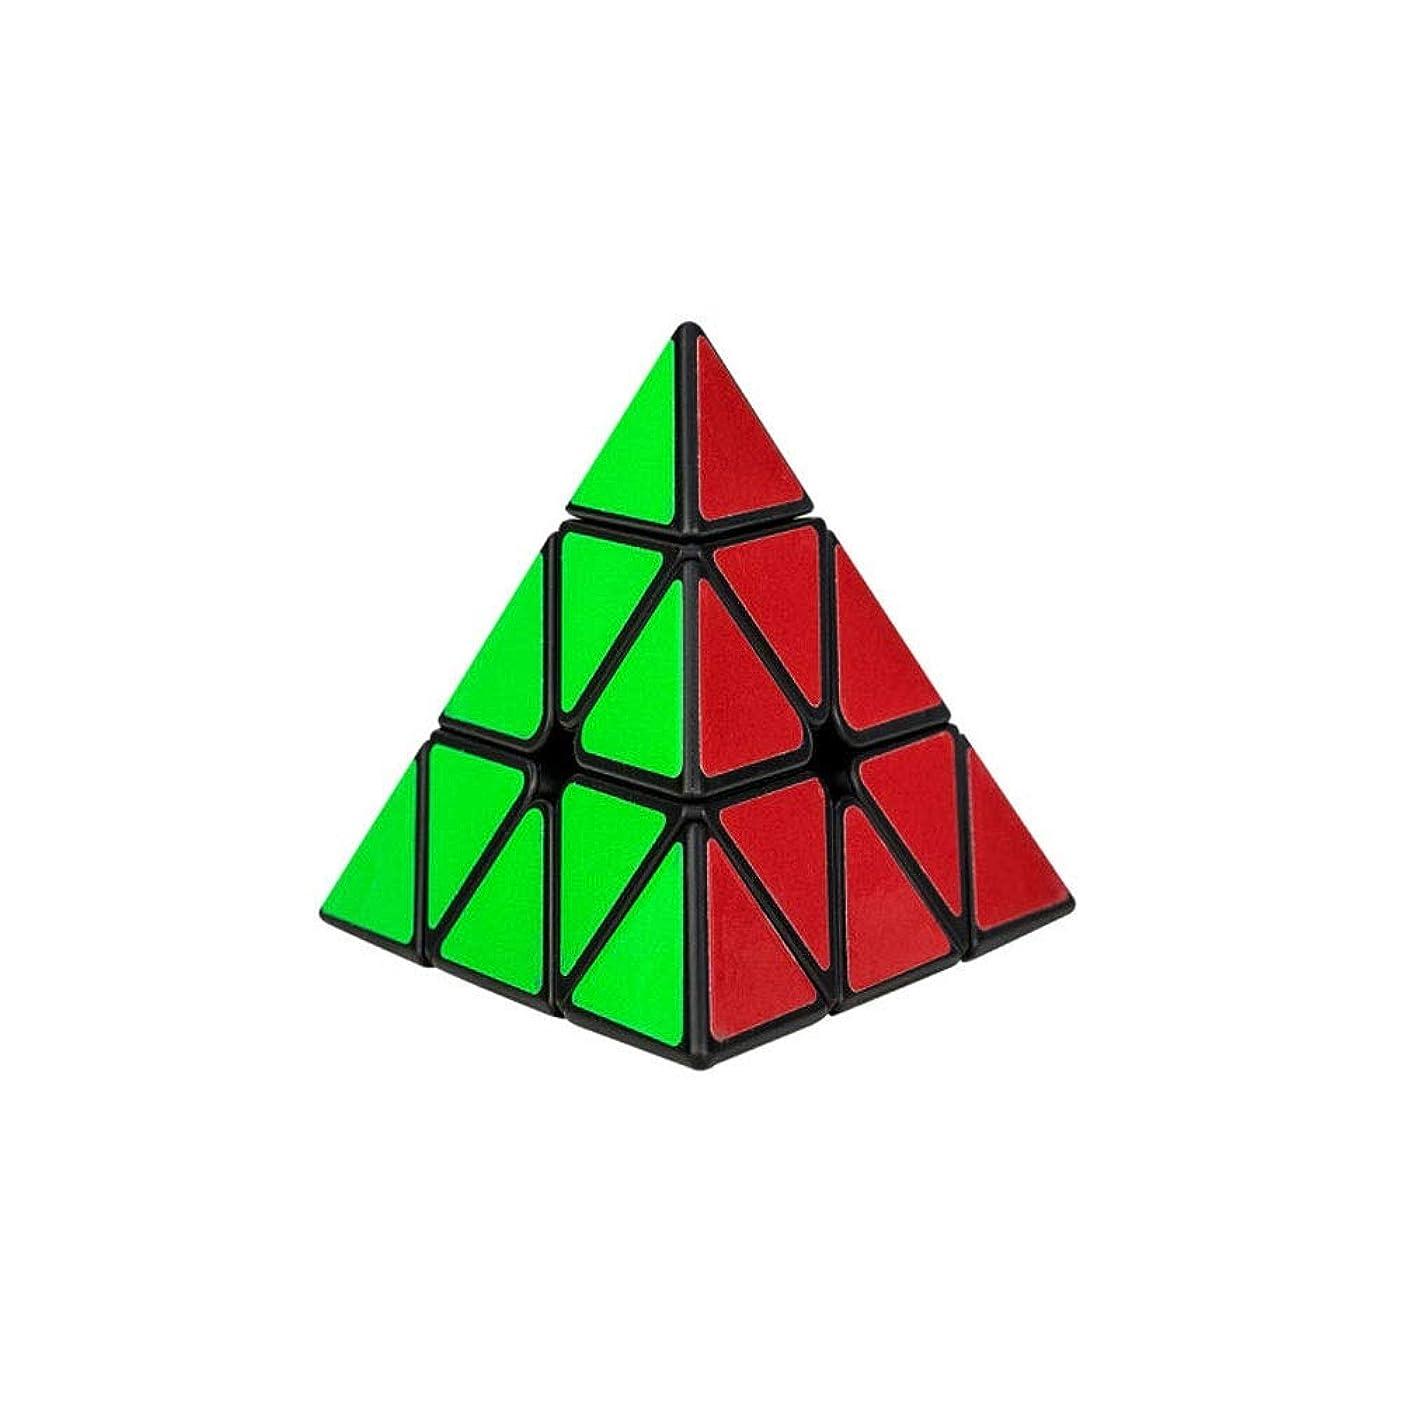 サミット上院議員蚊Hongyushanghang ルービックキューブ、滑らかで快適なルービックキューブ、クリエイティブトライアングルデザイン、高品質デザインスタイル(トライアングル) 使いやすい (Edition : Triangle)